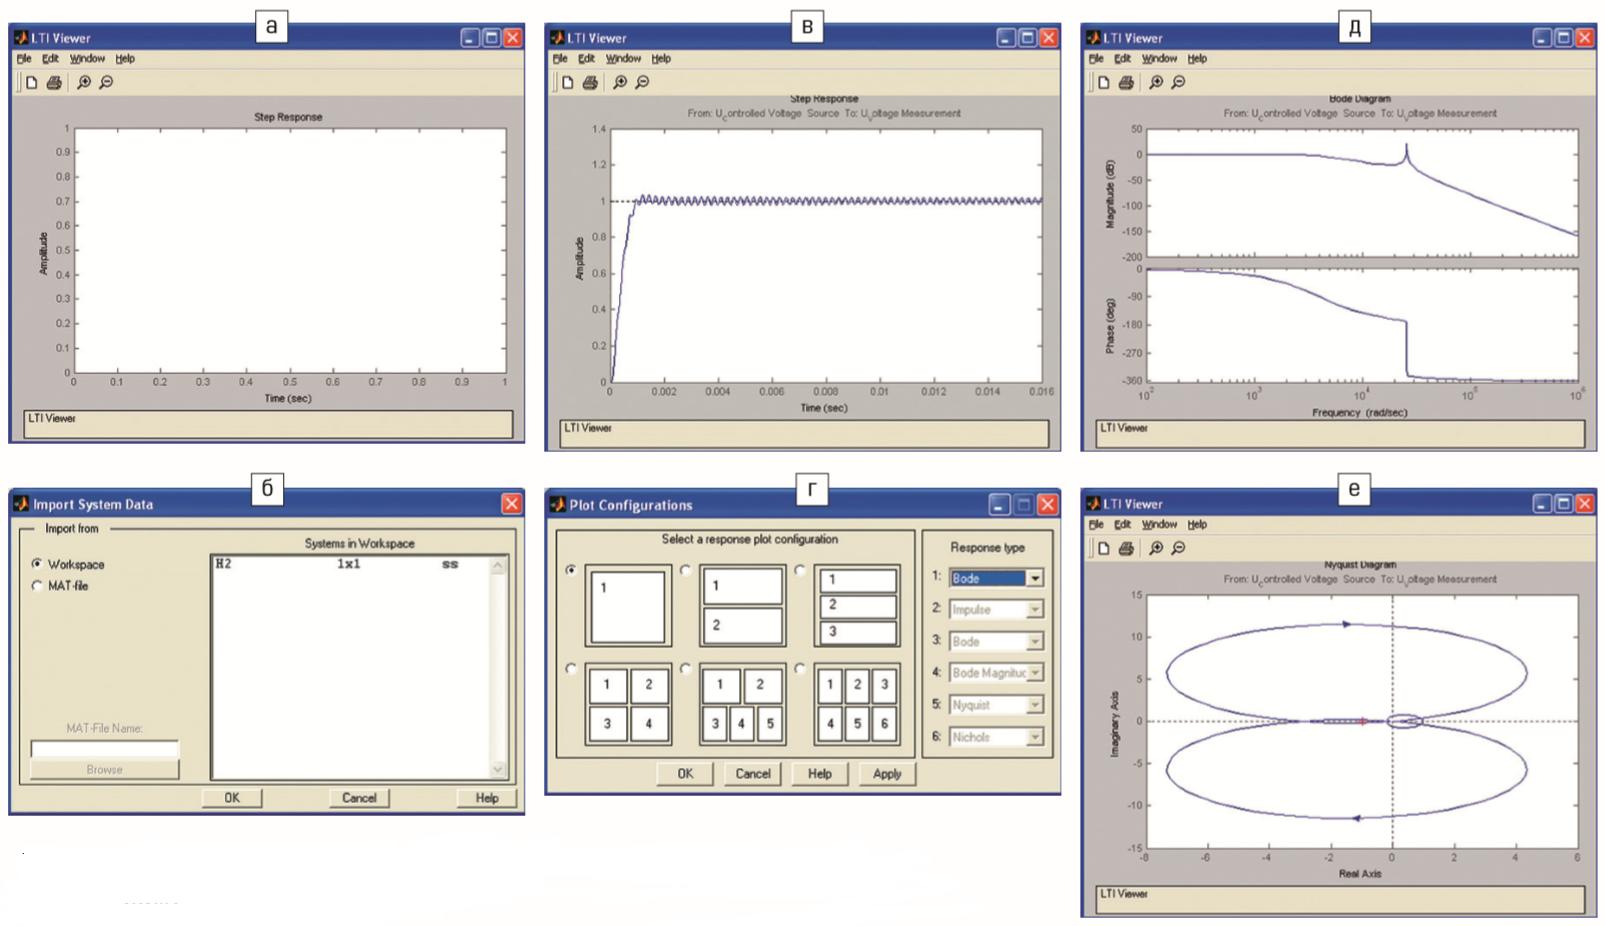 Окна LTI View , Import System Data, Plot Configurations в графическом интерфейсе пользователя